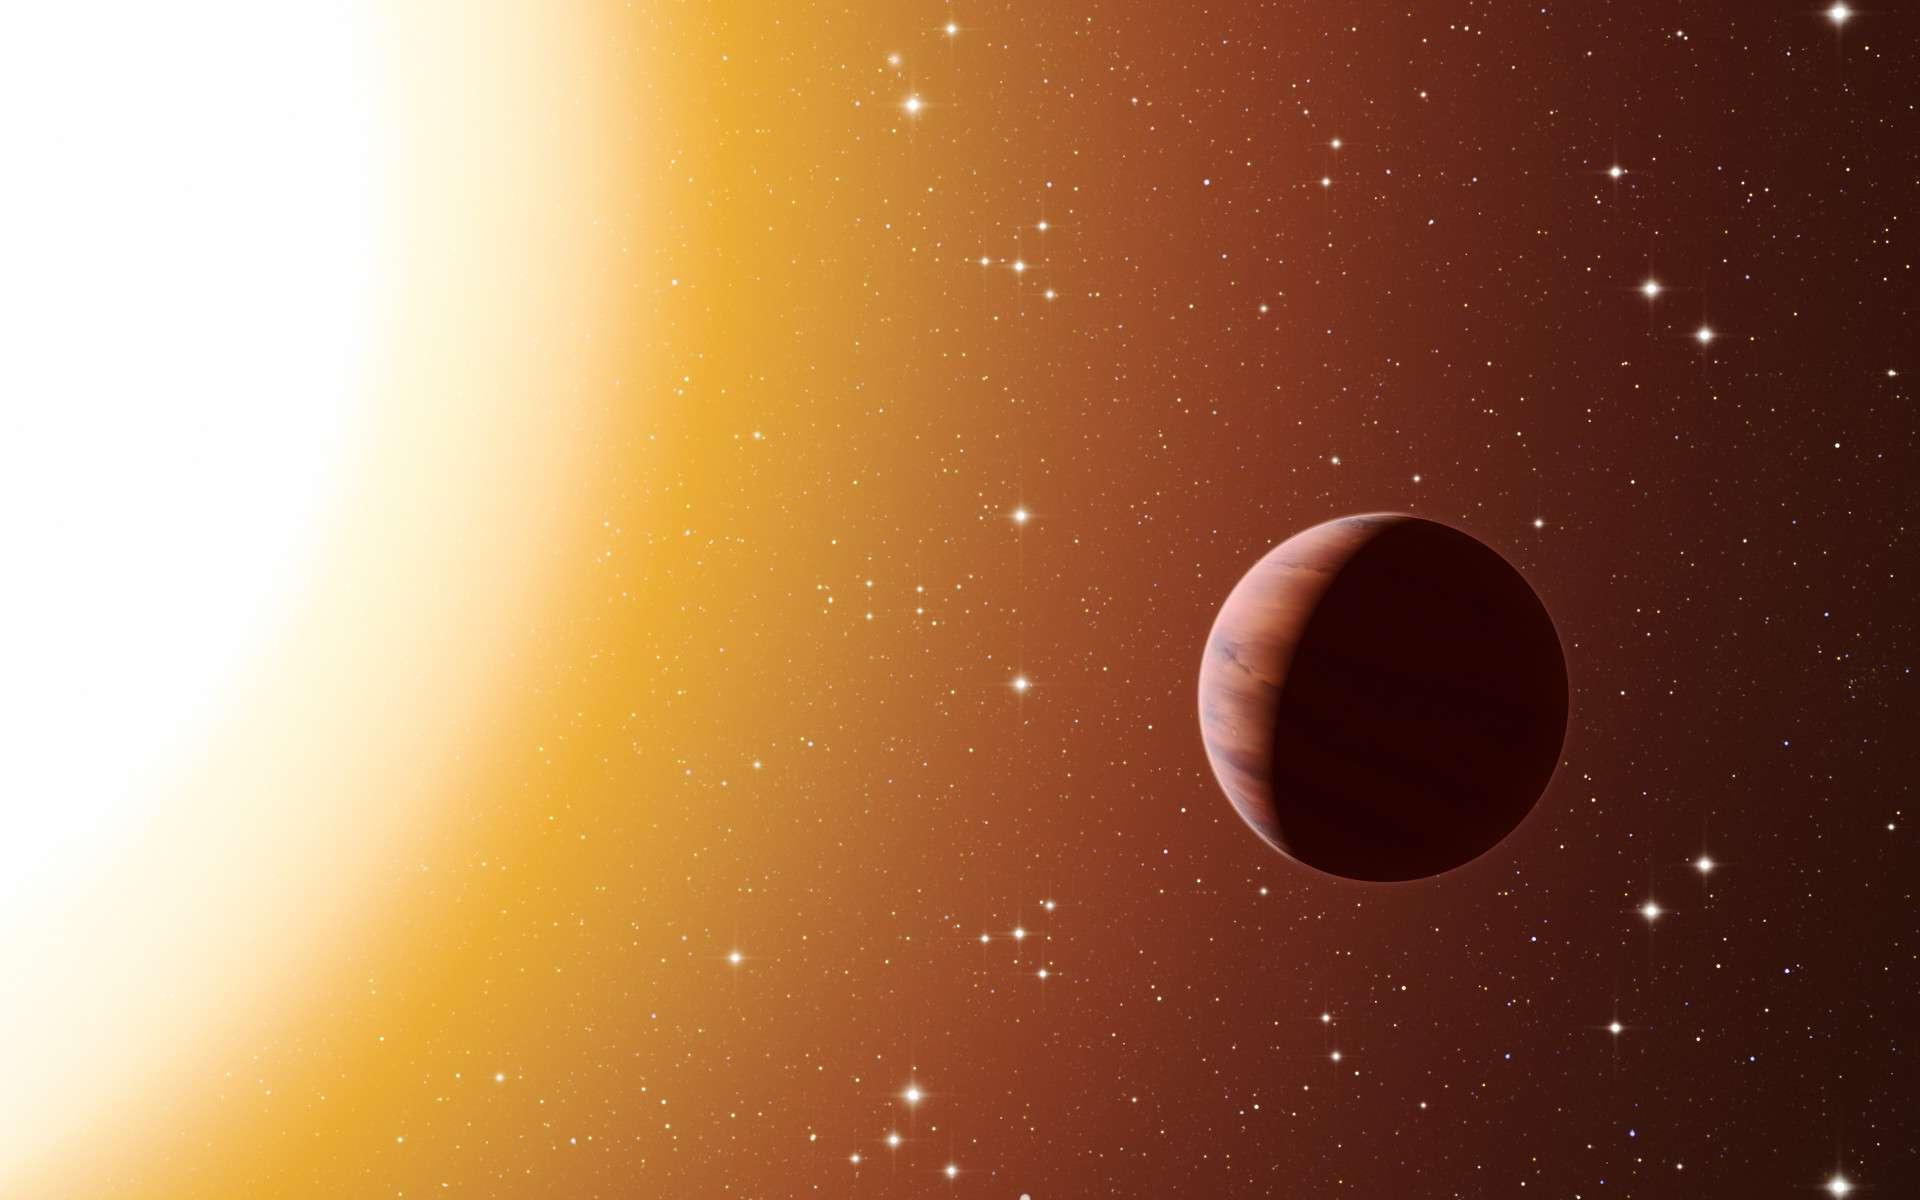 Sur cette vue d'artiste figure une planète de type Jupiter chaude en orbite proche autour de l'une des étoiles du riche et vieil amas Messier 67, dans la constellation du Crabe. © ESO, L. Calçada